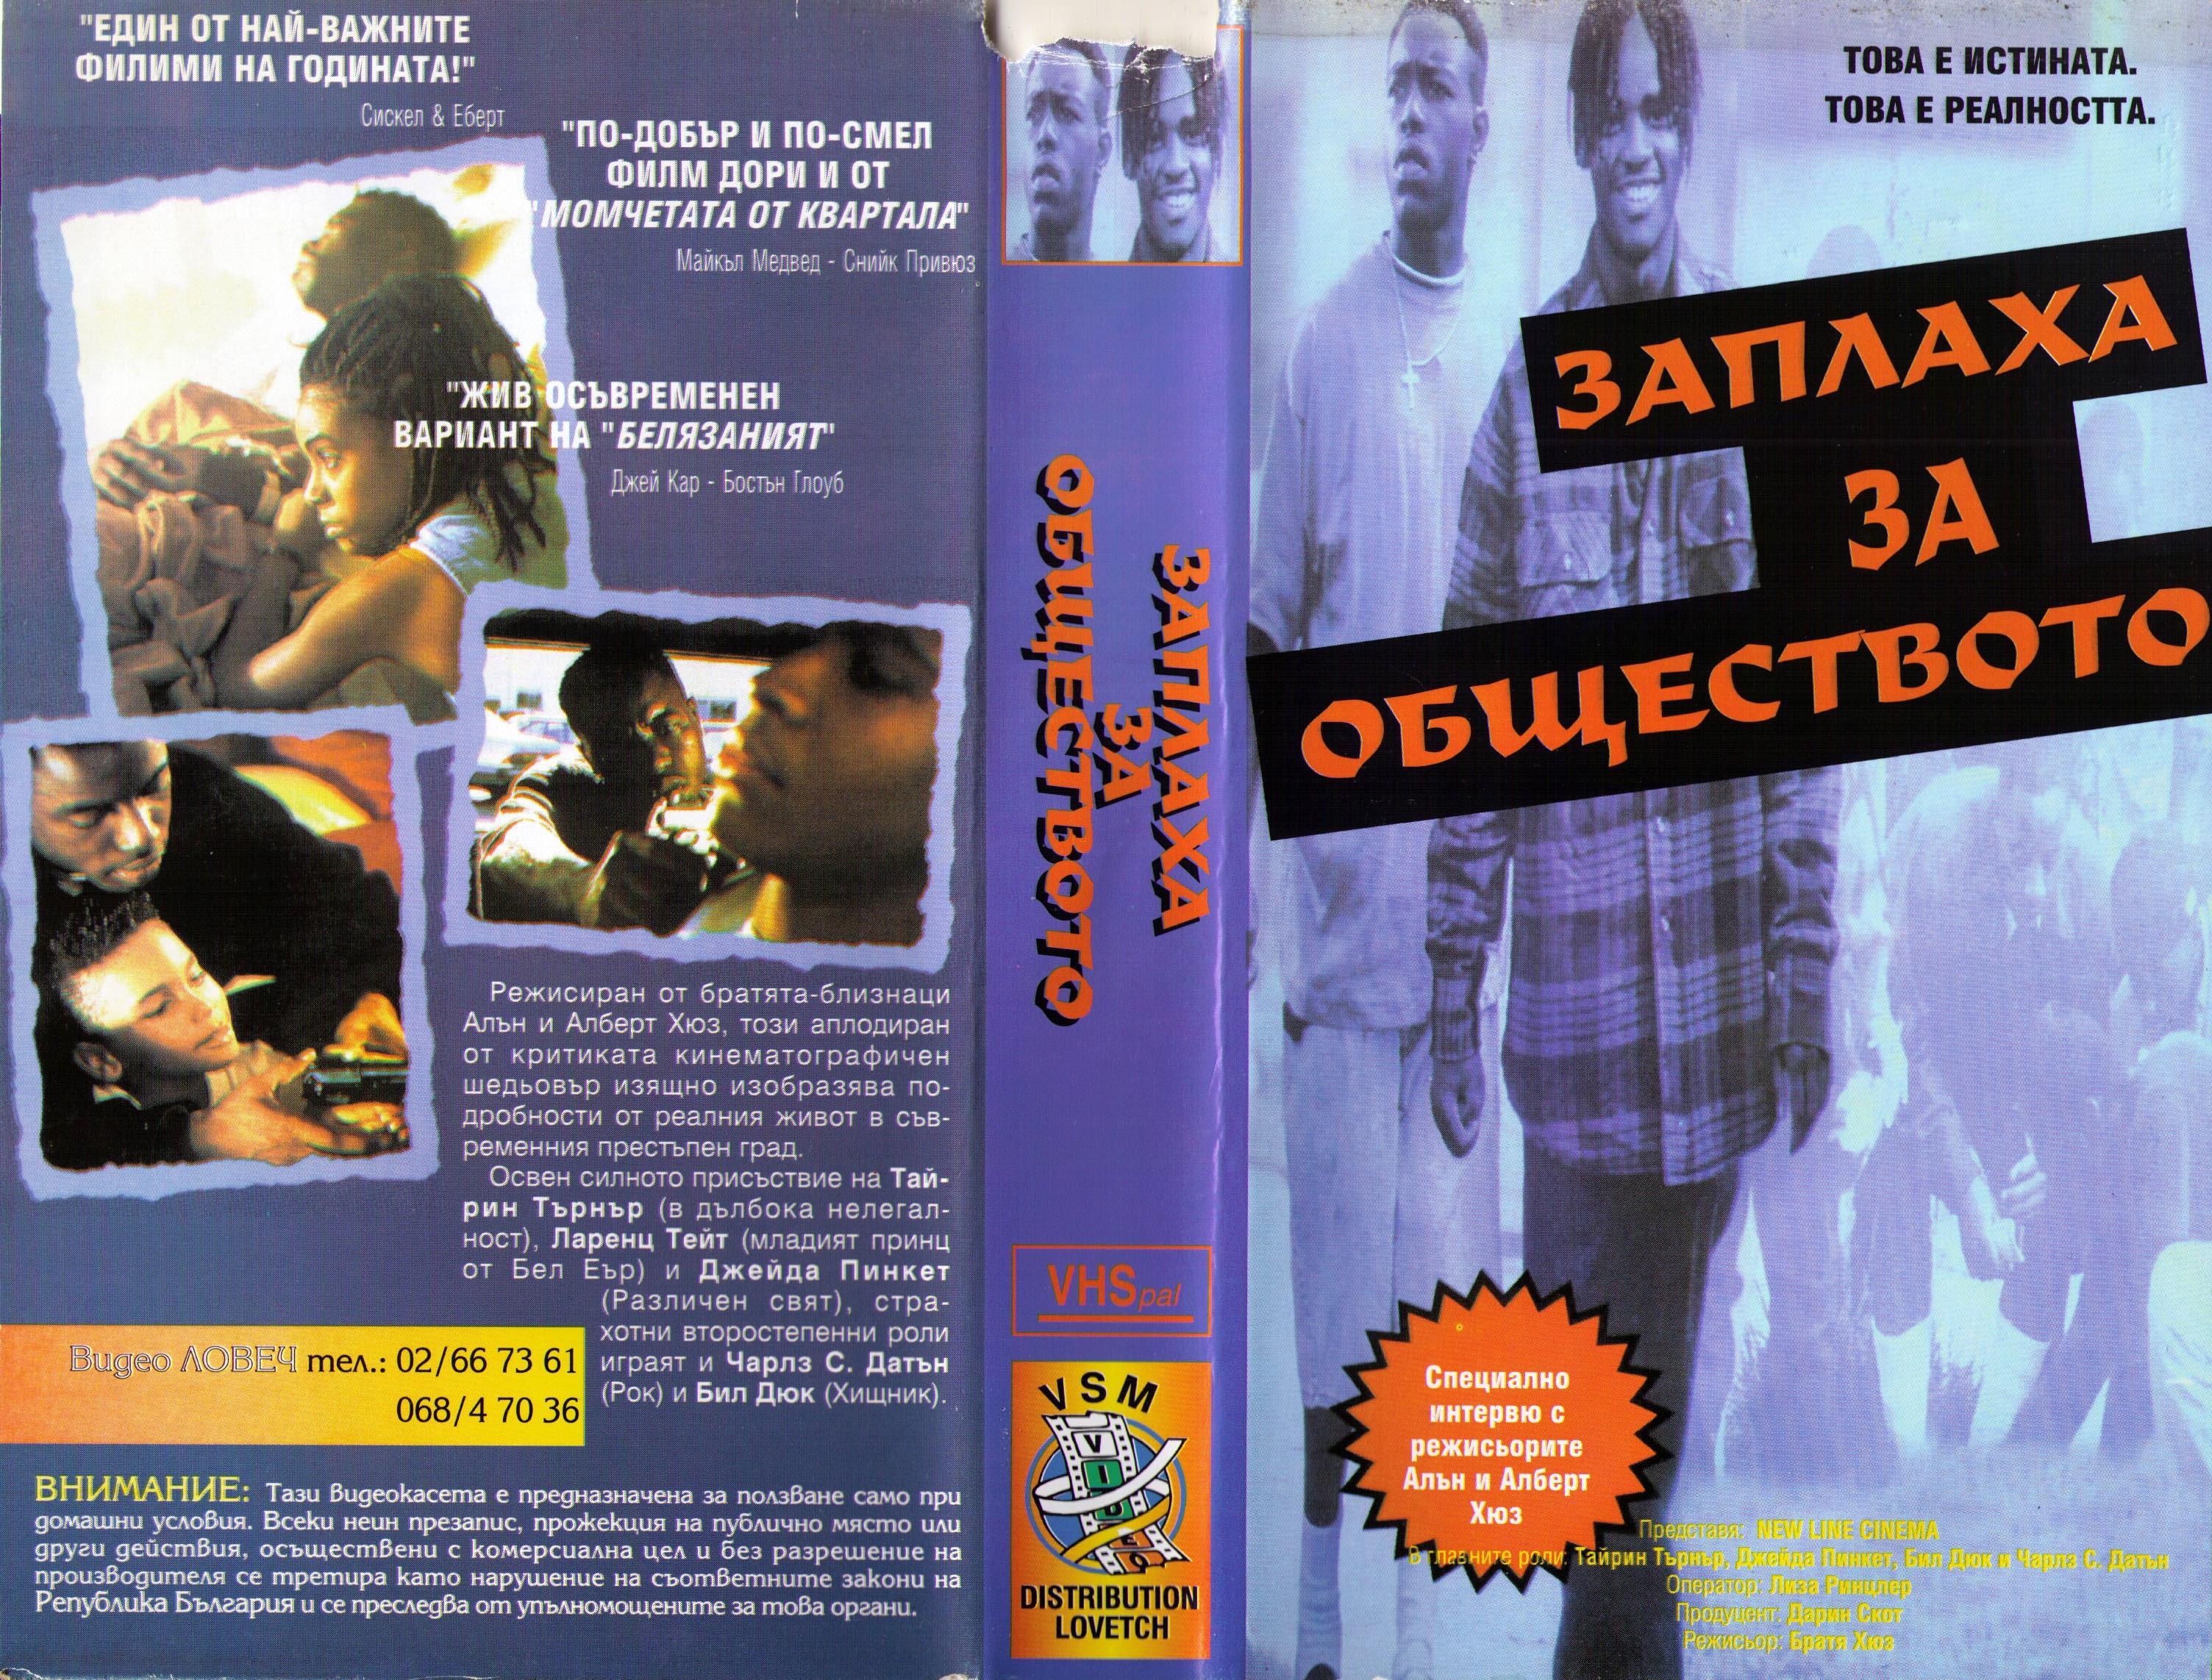 Заплаха за обществото филм обложка